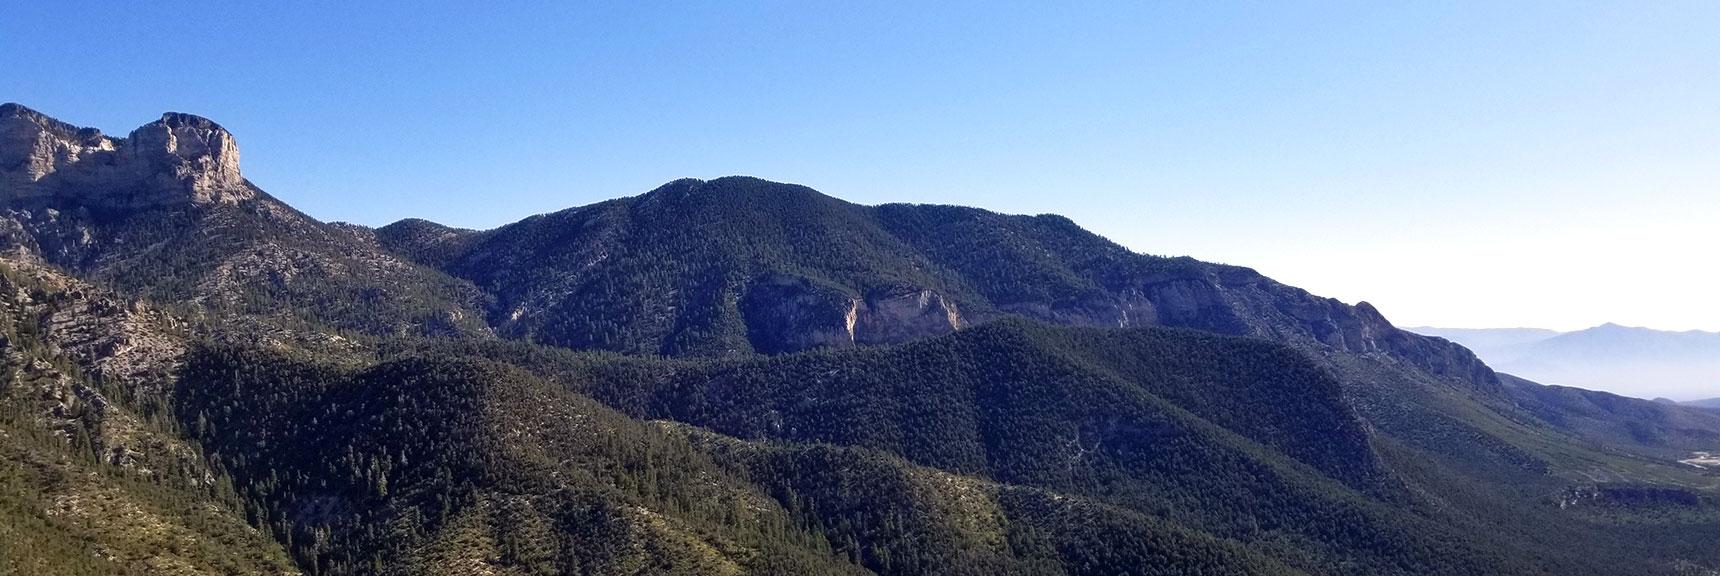 View of Fletcher Peak from Cathedral Rock Summit, Mt. Charleston Wilderness, Nevada